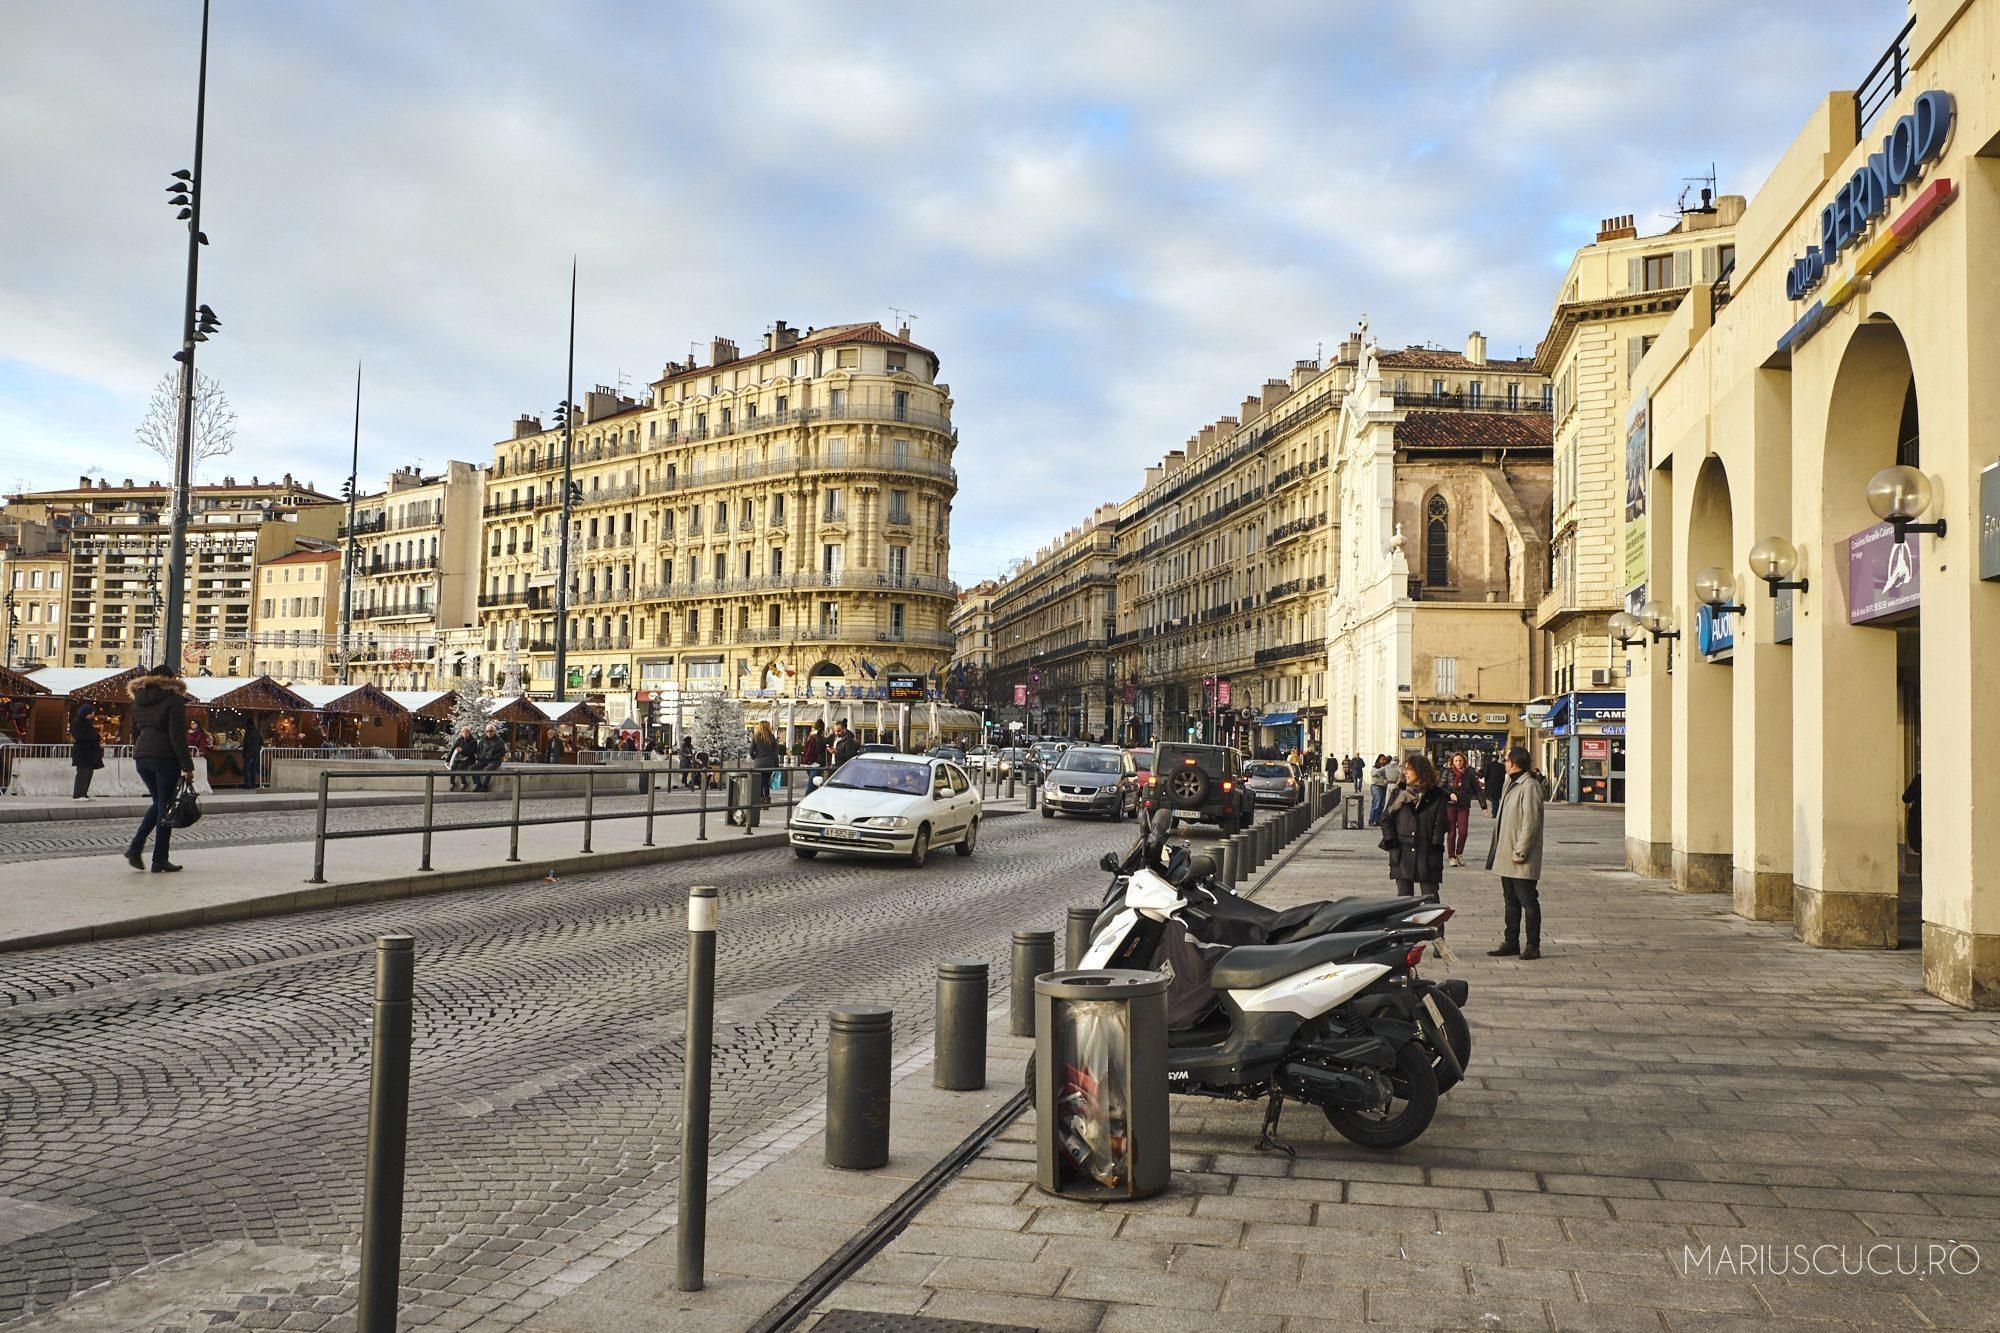 Am mers în Marseille. Am găsit o priveliște extraordinară acolo